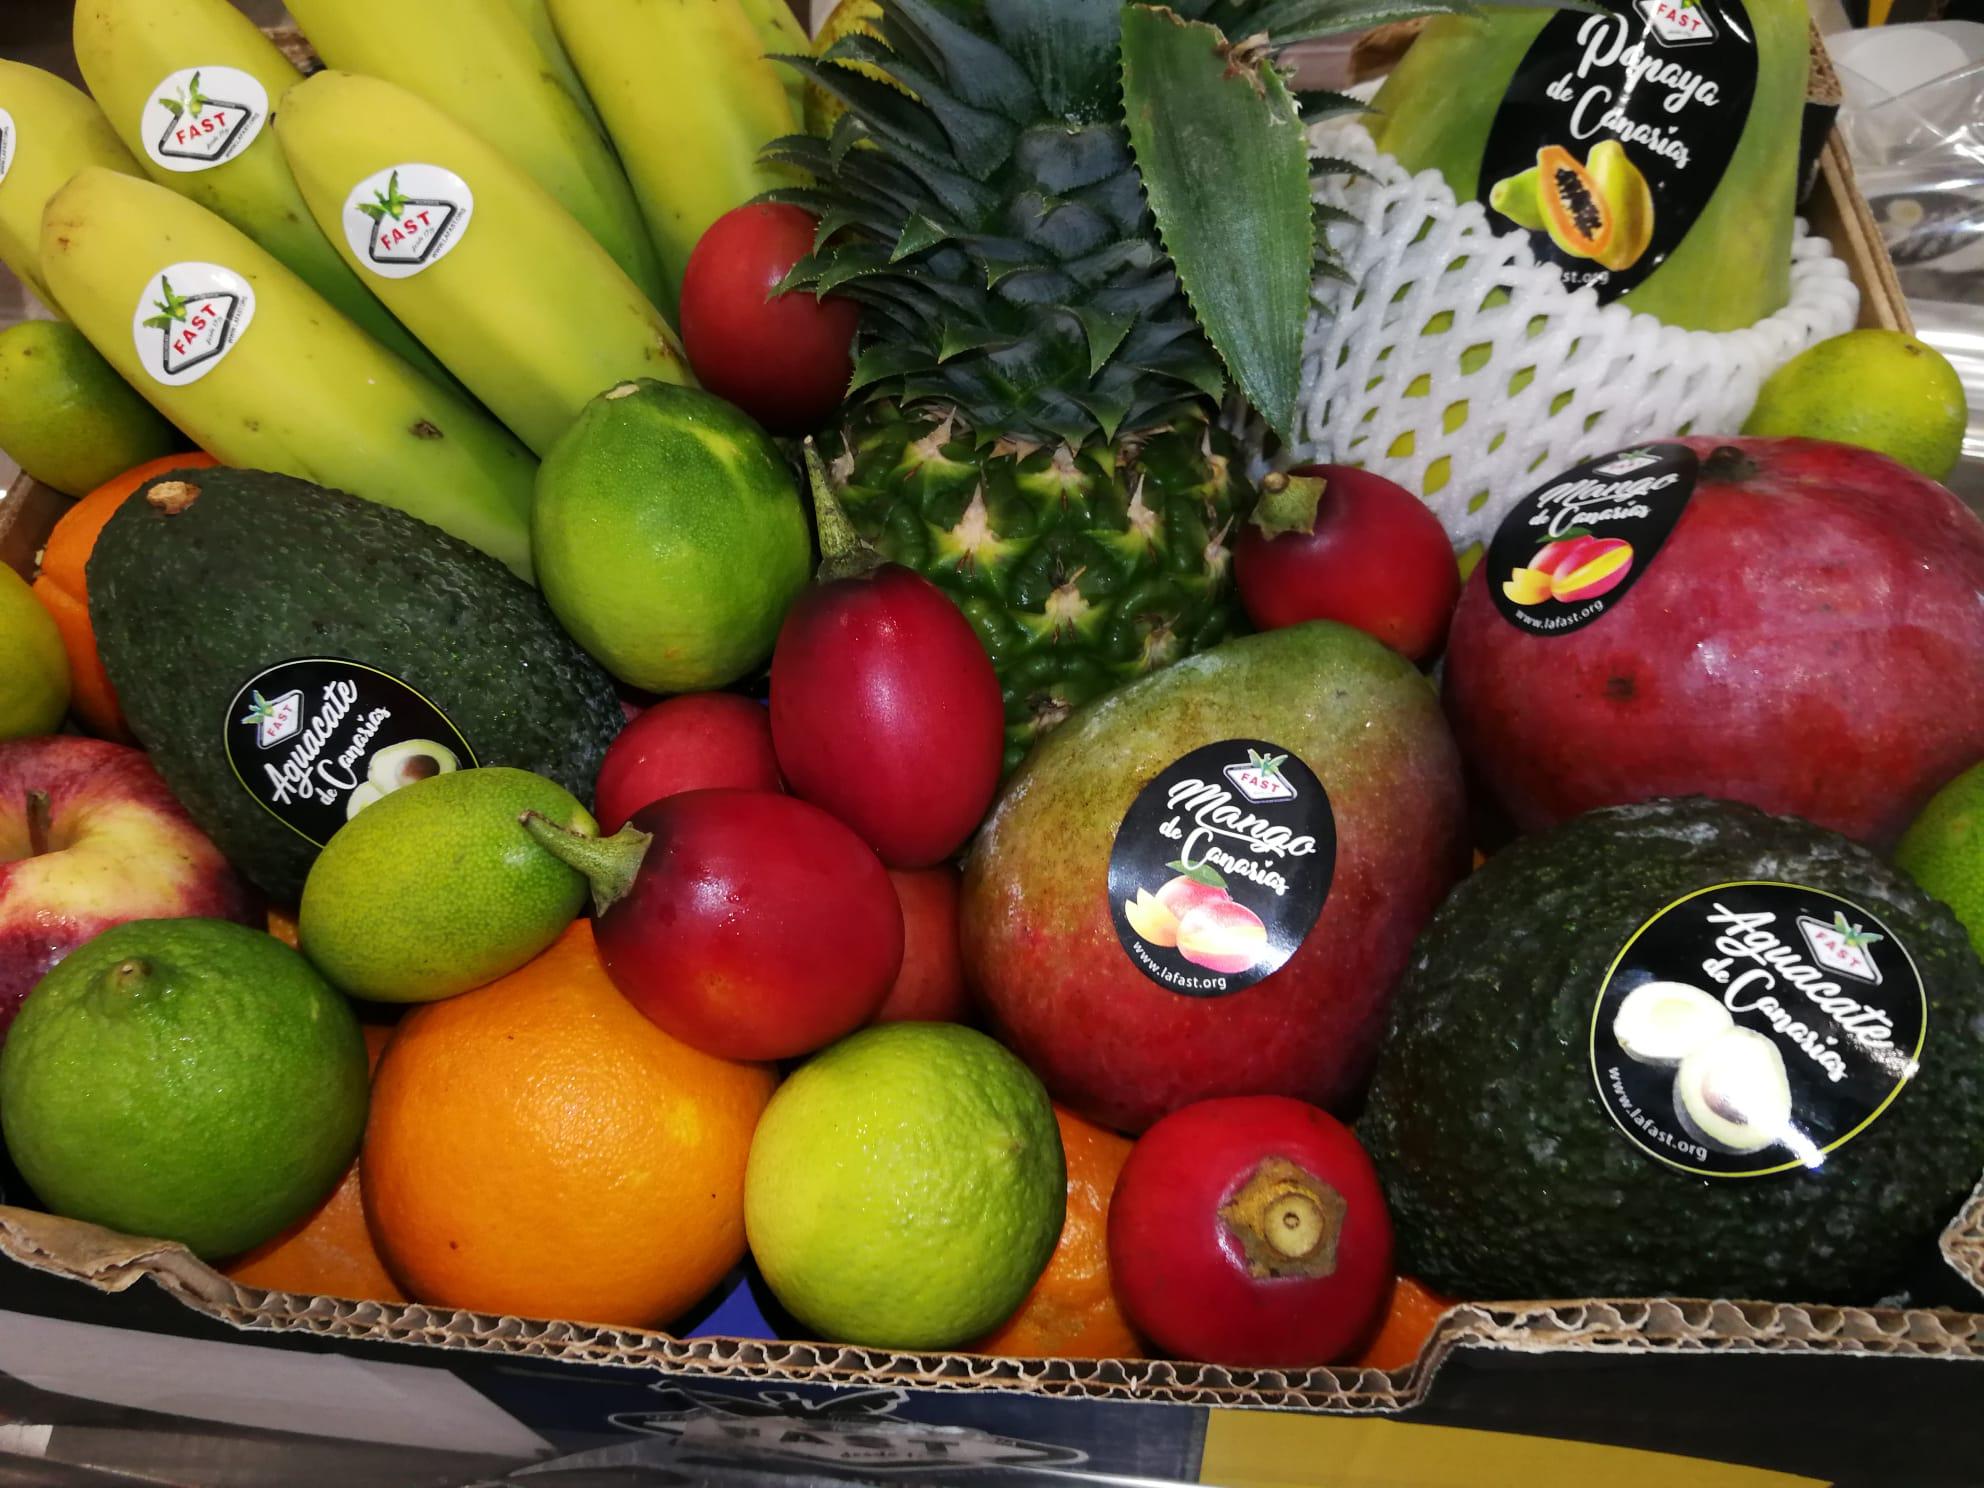 La-Fast-Frutas-Verduras